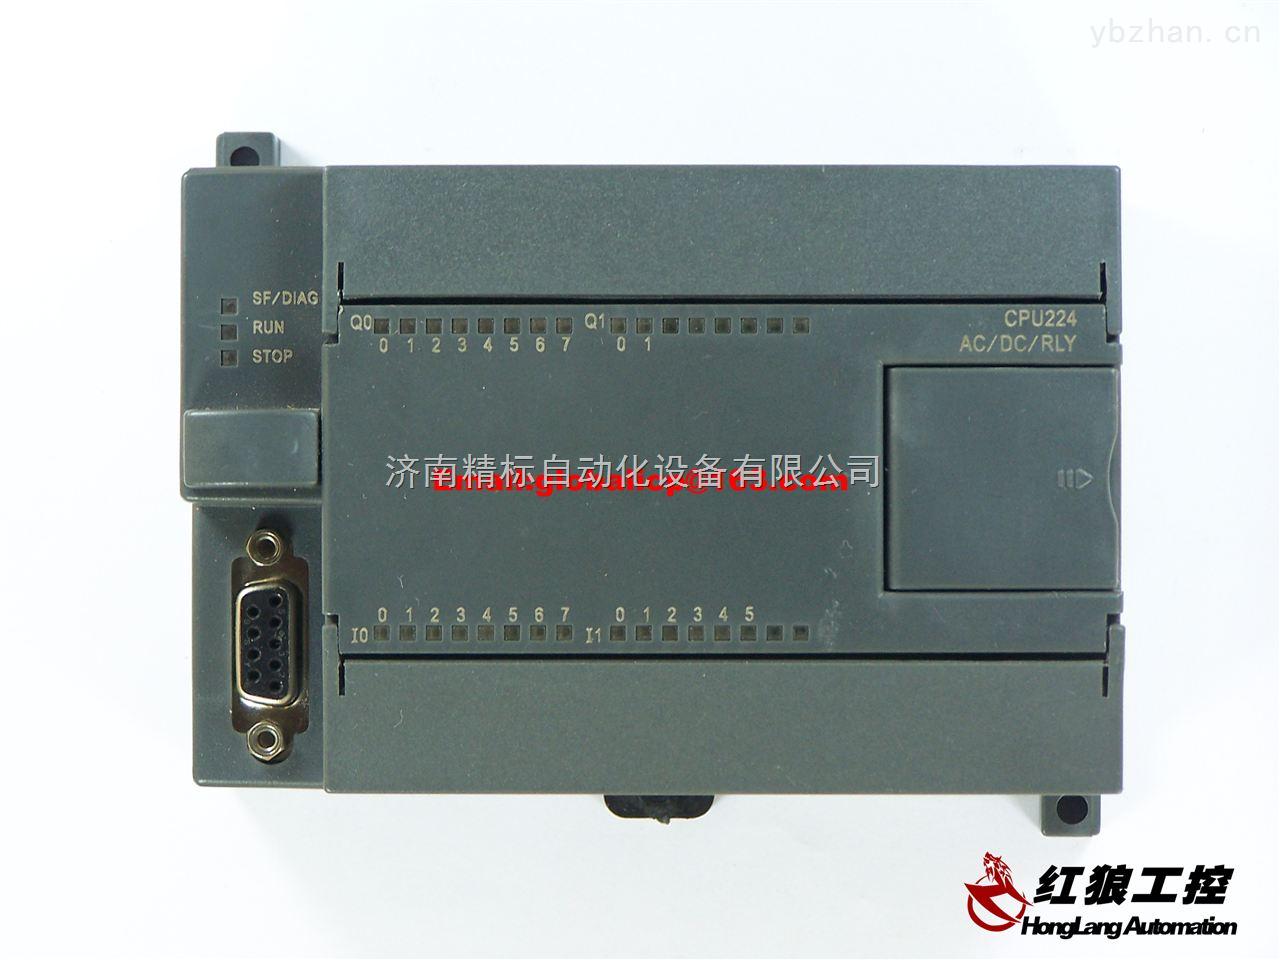 CPU224 AC/DC/RLY,国产兼容西门子,代替6ES7 214-1BD23-0XB8